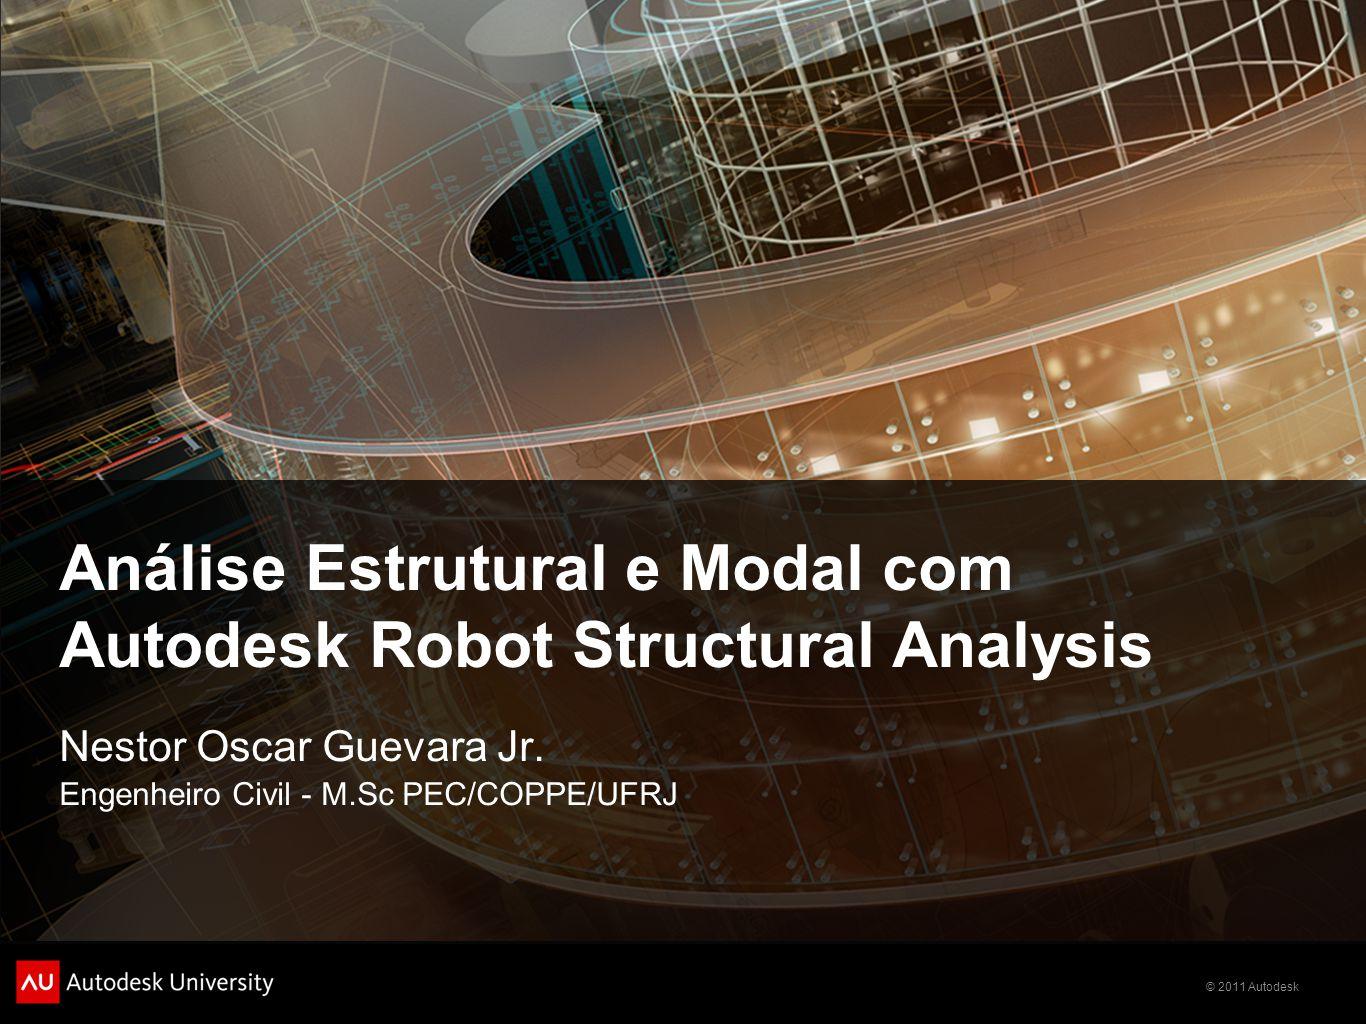 © 2011 Autodesk PROMEC - Projetos em Mecânica e Engenharia Computacional  Projetos, consultorias e treinamento em modelagem e simulação numérica aplicada em engenharia.